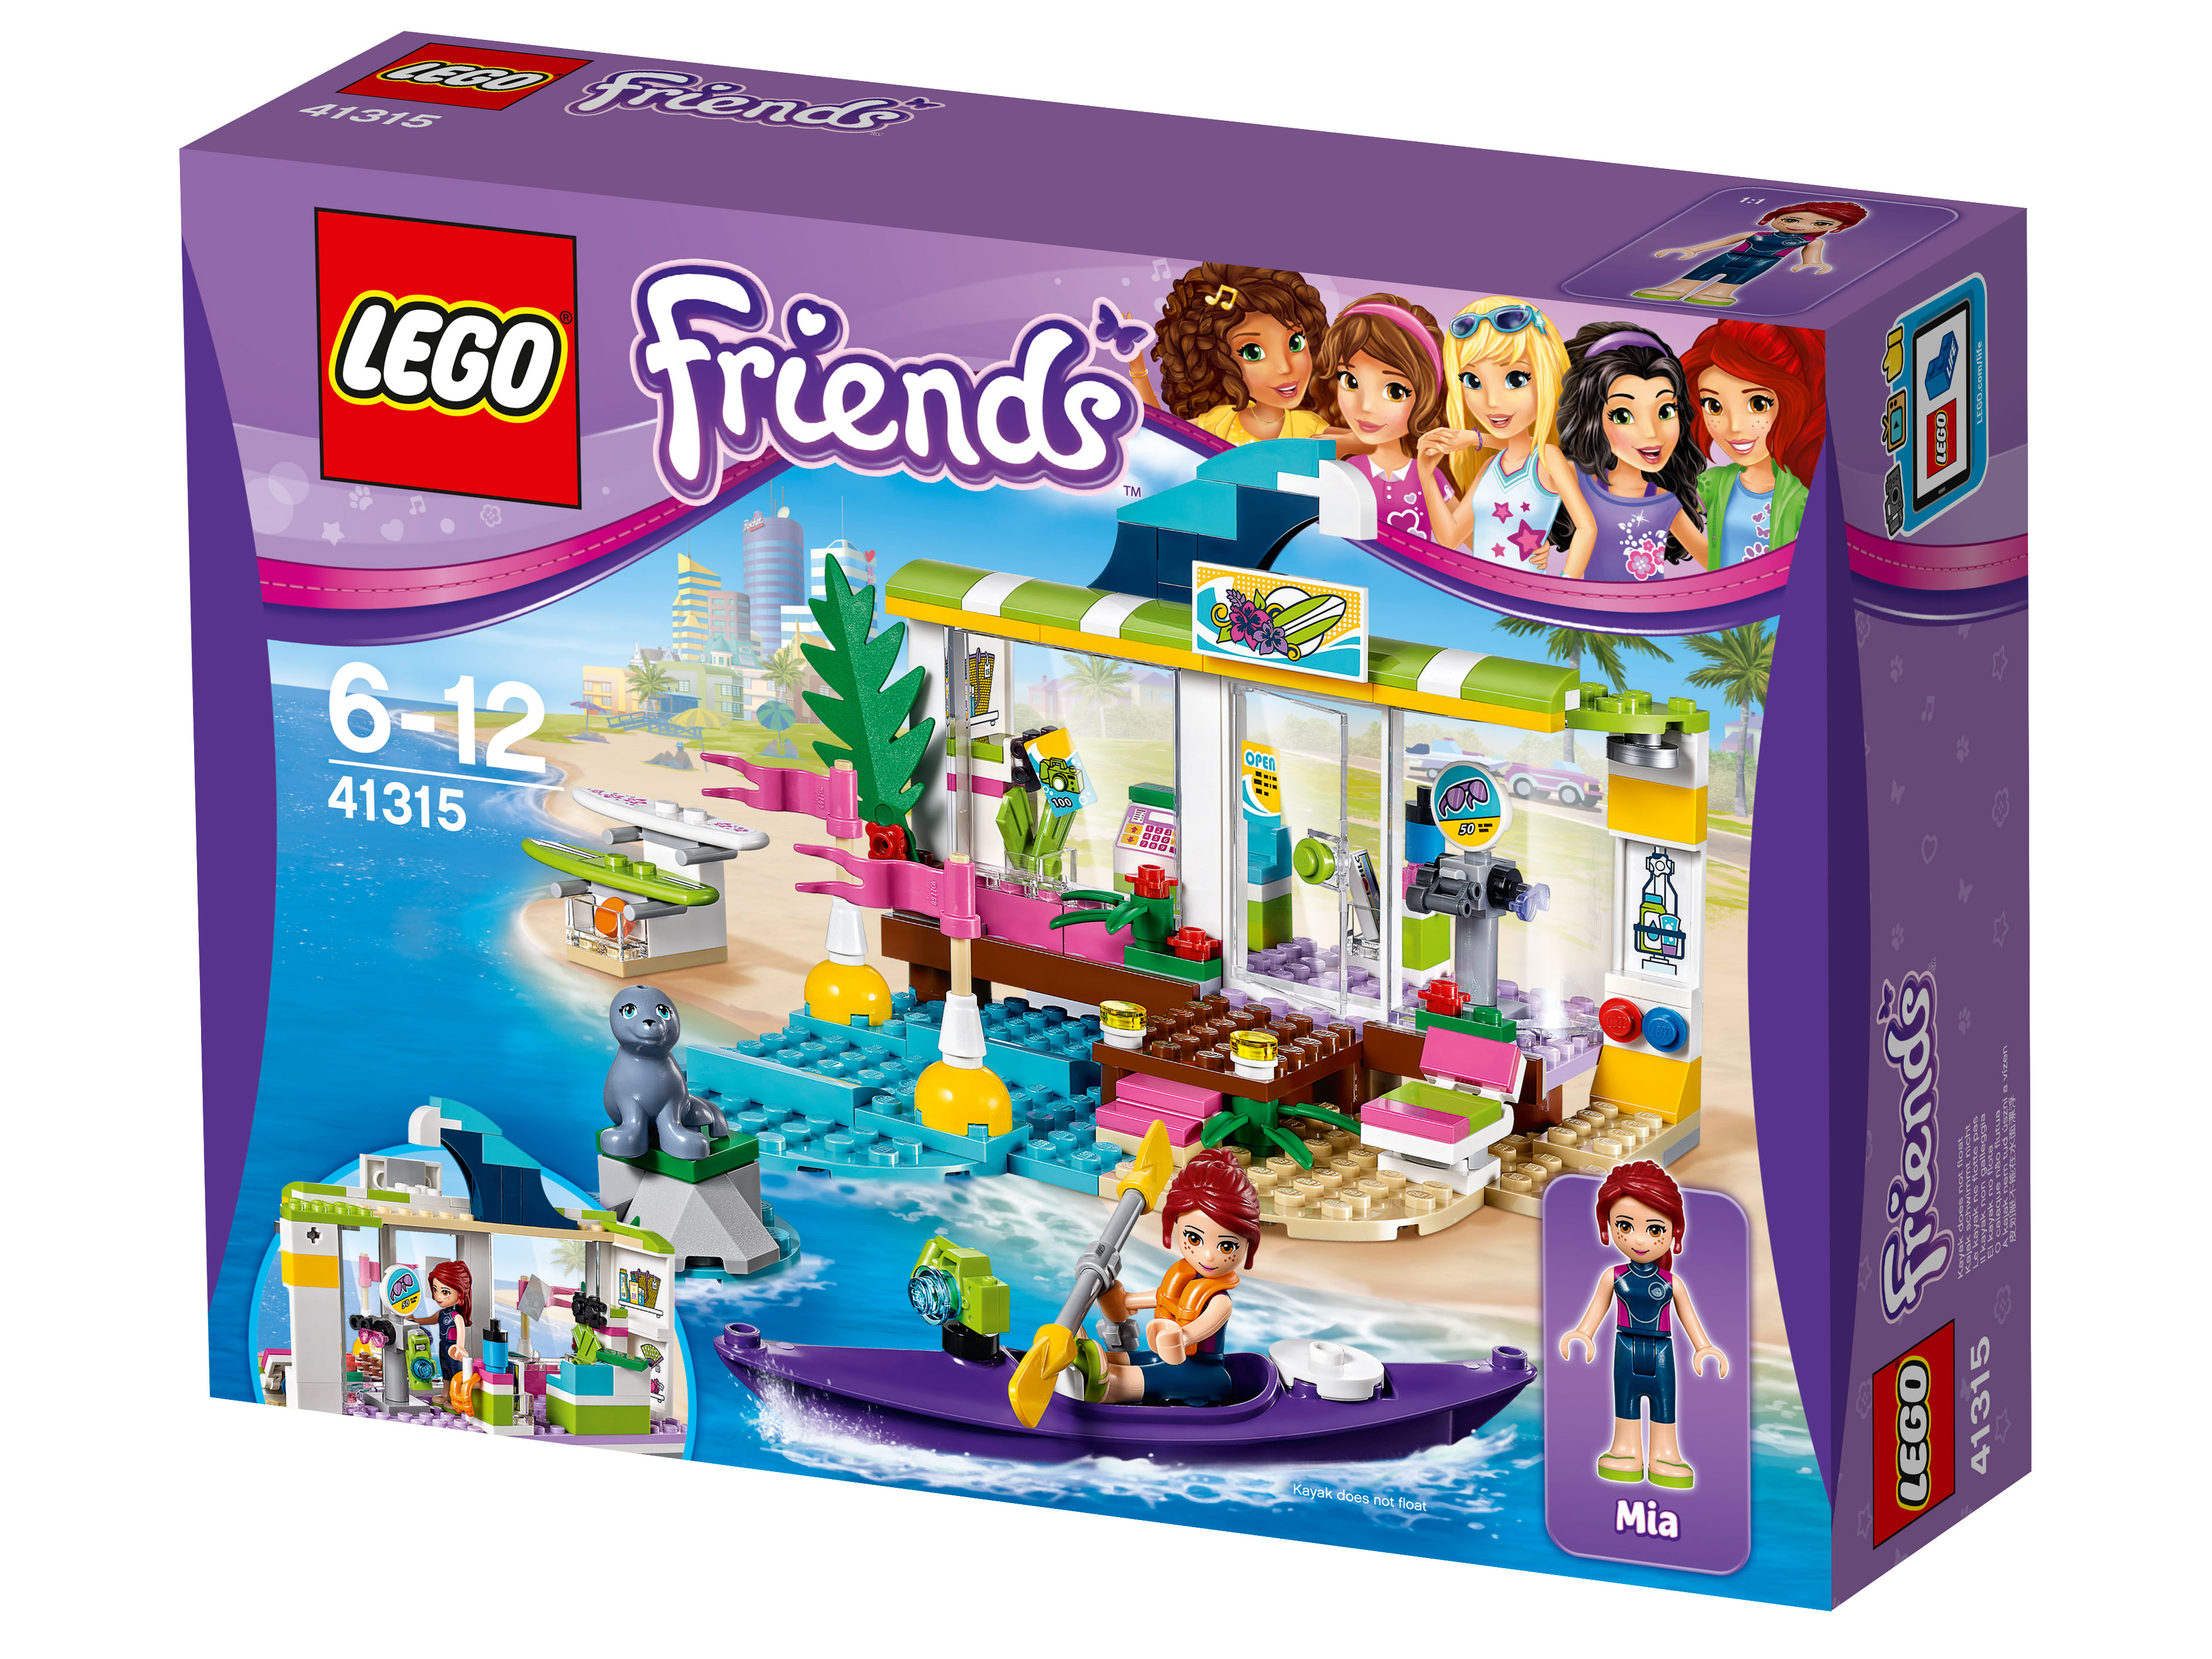 41315 Lego Friends Сёрф-станцияС наступлением летнего сезона свои двери для вас открывает сёрф-станция. Не упустите возможность проверить себя на смелость и поддержать спортивную форму. Отличное снаряжение, теплое море, свежий воздух для упругого паруса — лучшие условия для катания. И, конечно, волны, дарящие скорость вашей доске. Катайтесь в свое удовольствие или устройте соревнования для самых смелых серферов. А с берега за вами будет наблюдать очаровательный морской котик.<br>